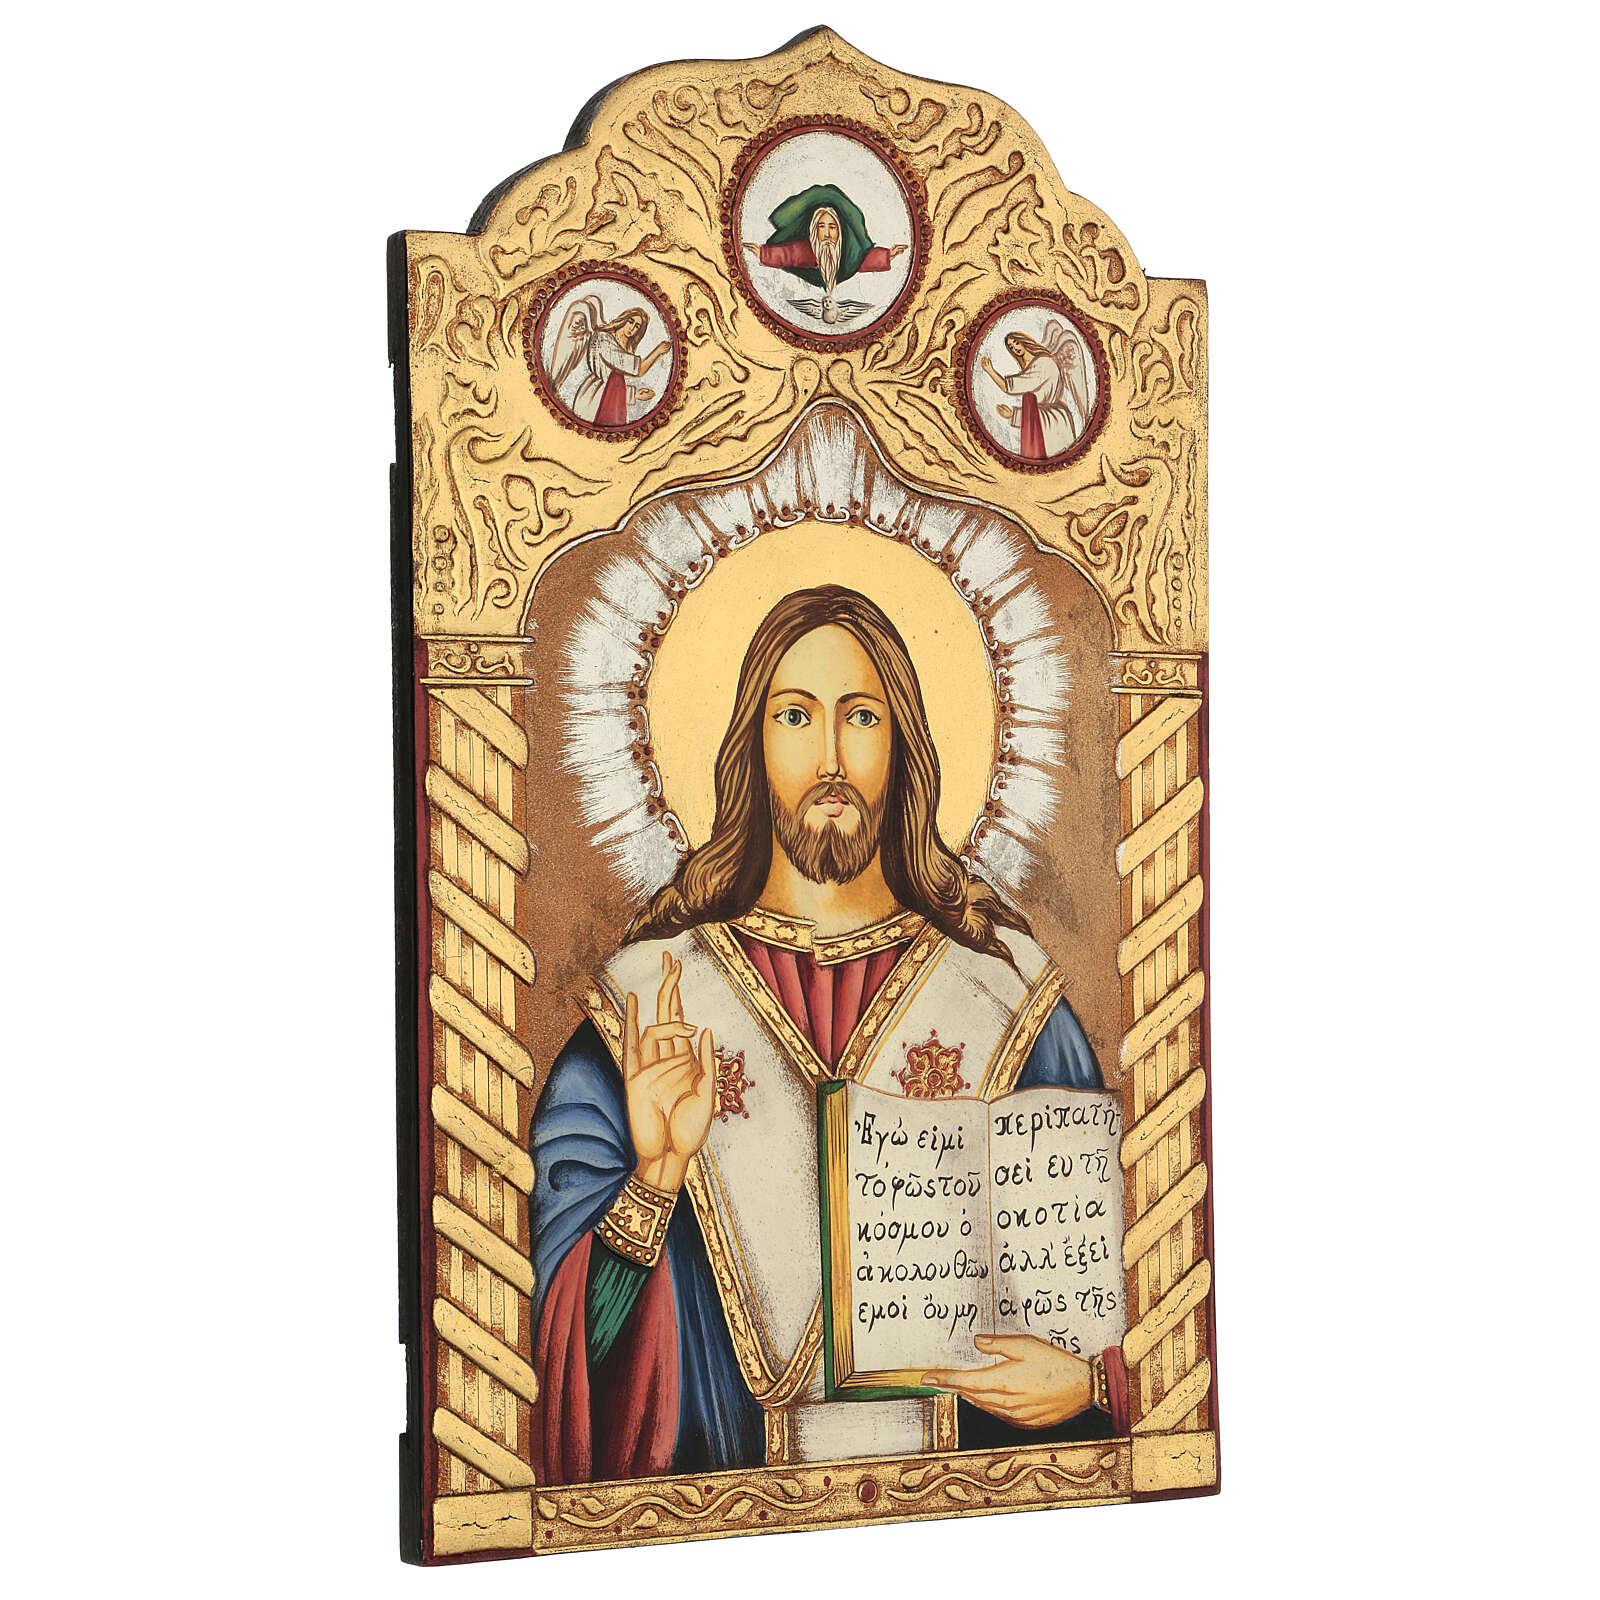 Icona Gesù Maestro e Giudice dipinta stile tradizionale rumeno 50x30 cm 4